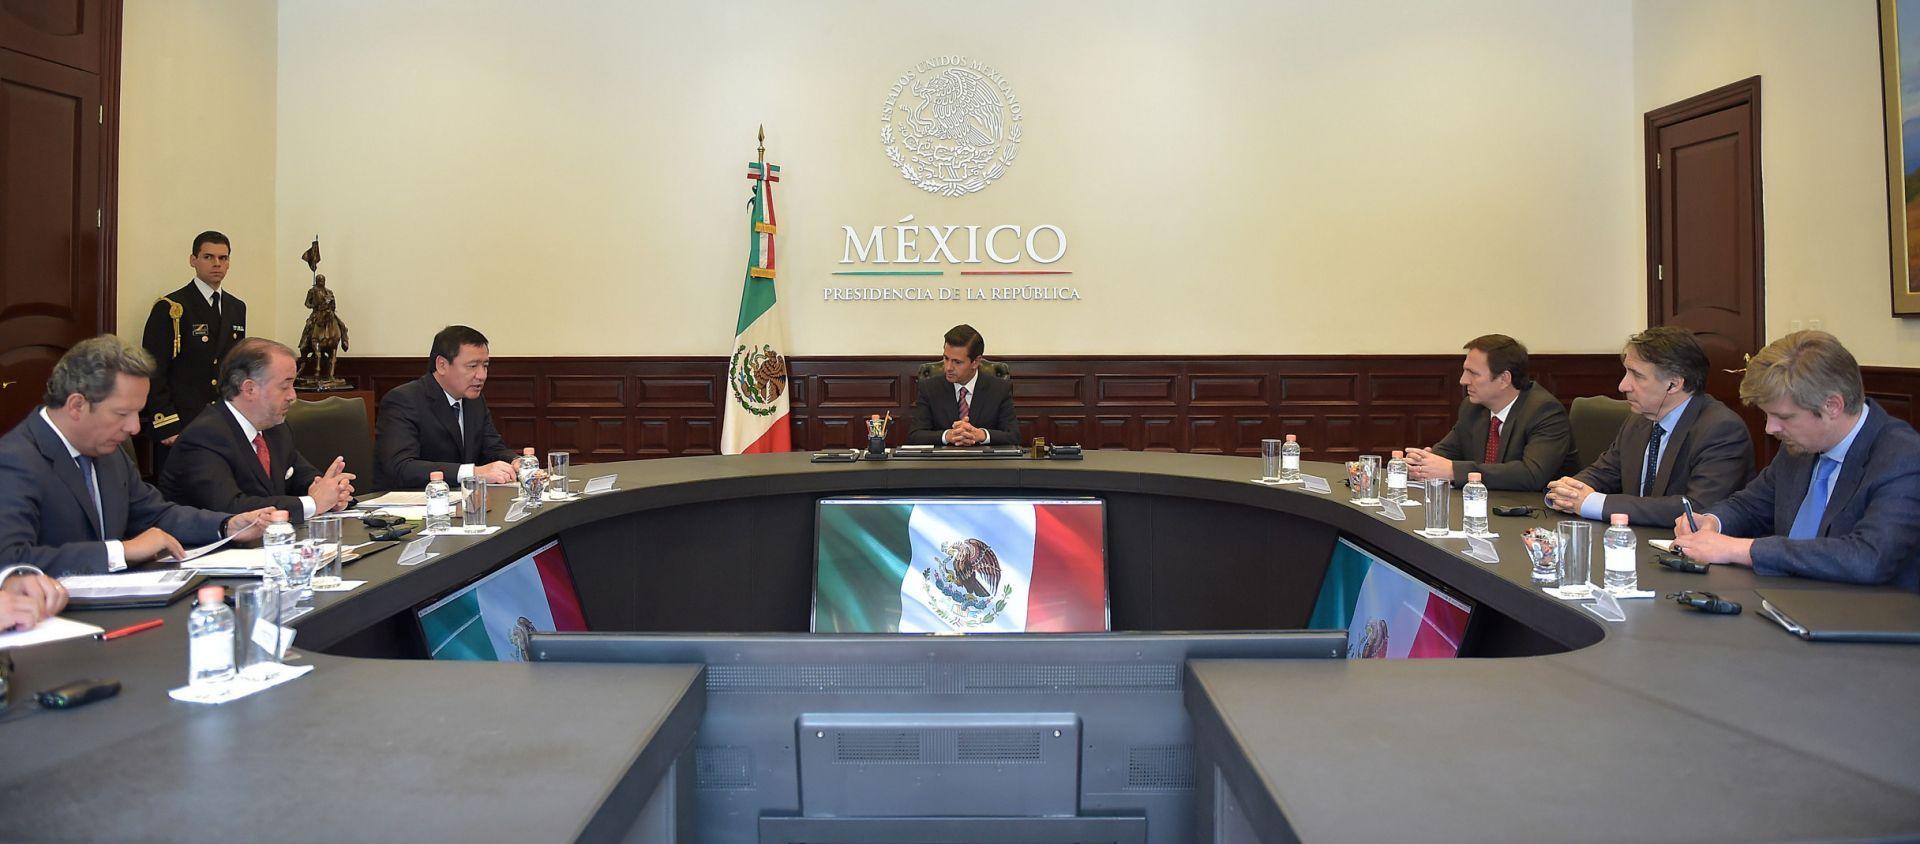 Peña Nieto reitera ante el CPJ compromiso con la libertad de expresión